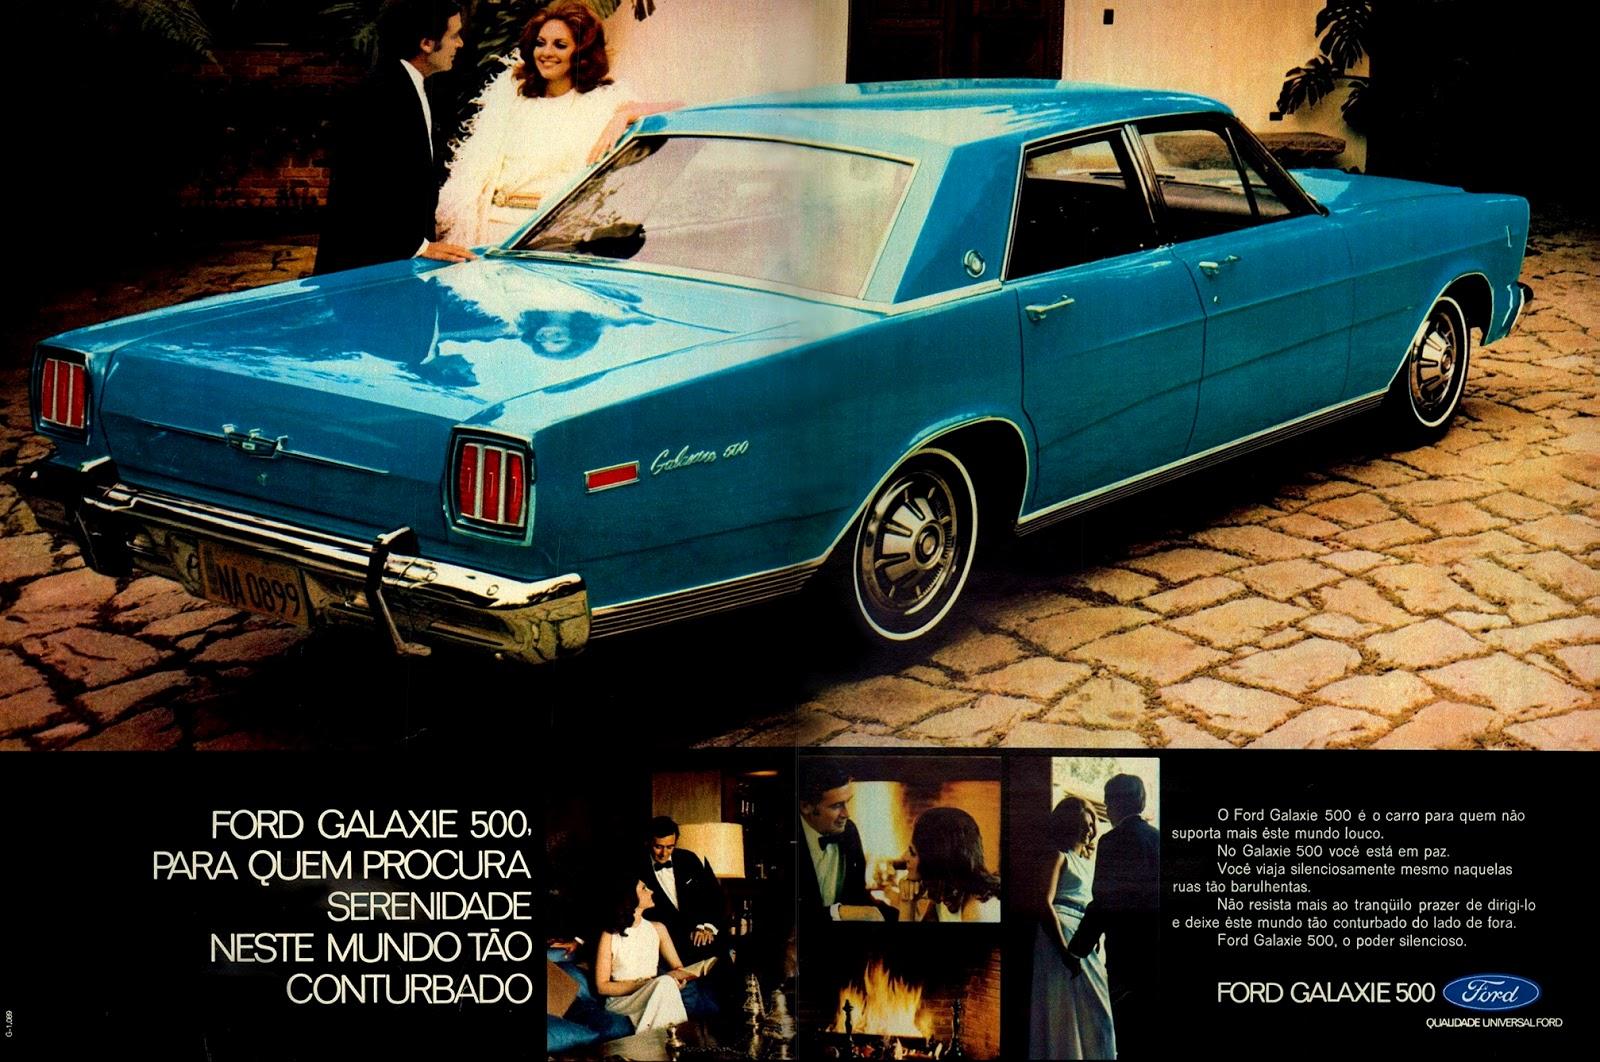 Anúncio da Ford promovendo o Galaxie 500 no ano de 1971